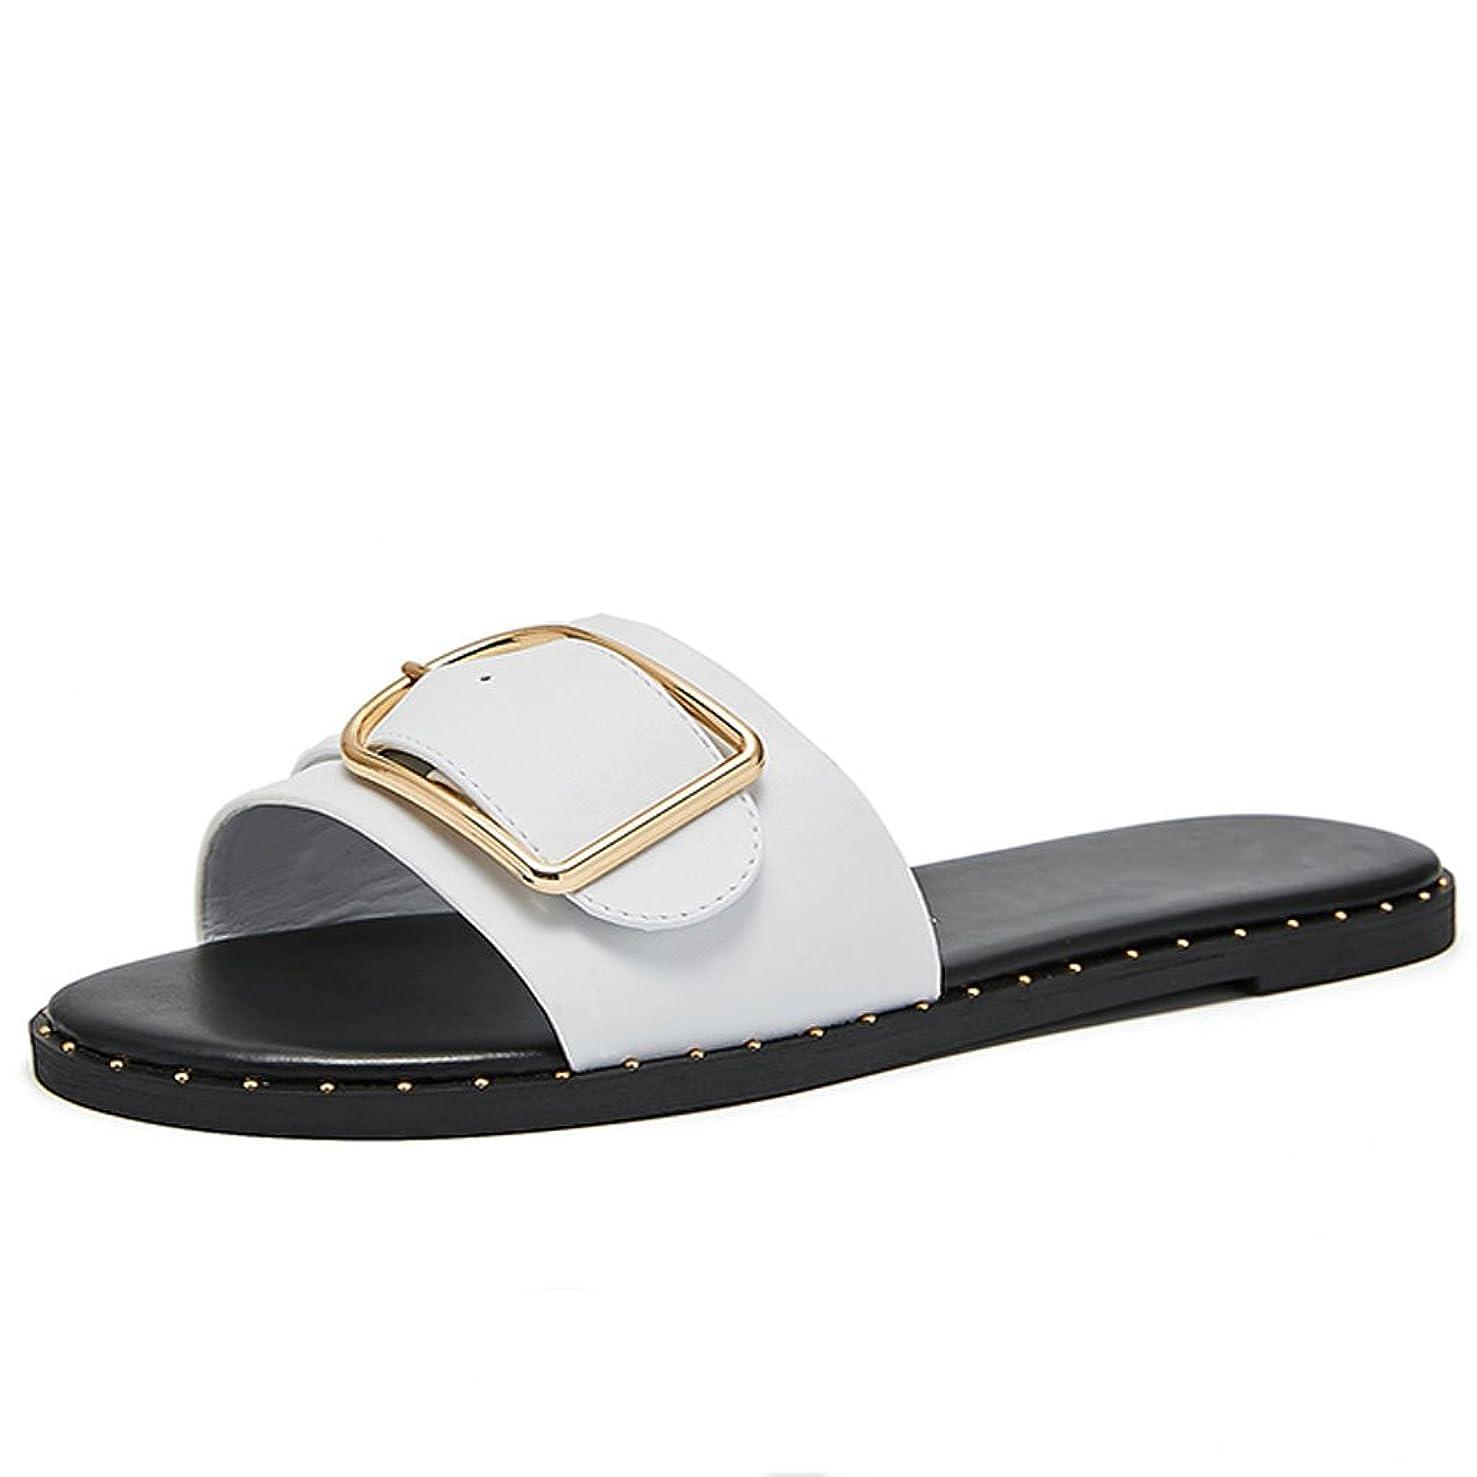 カメラ巧みな排除LIUXUEPIN 新しいリベットベルトボタンダウンカジュアルフラットフリップフロップメタルベルトバックルリベットシューズは、夏のビーチファッションに沿ってクールスリッパを着用。